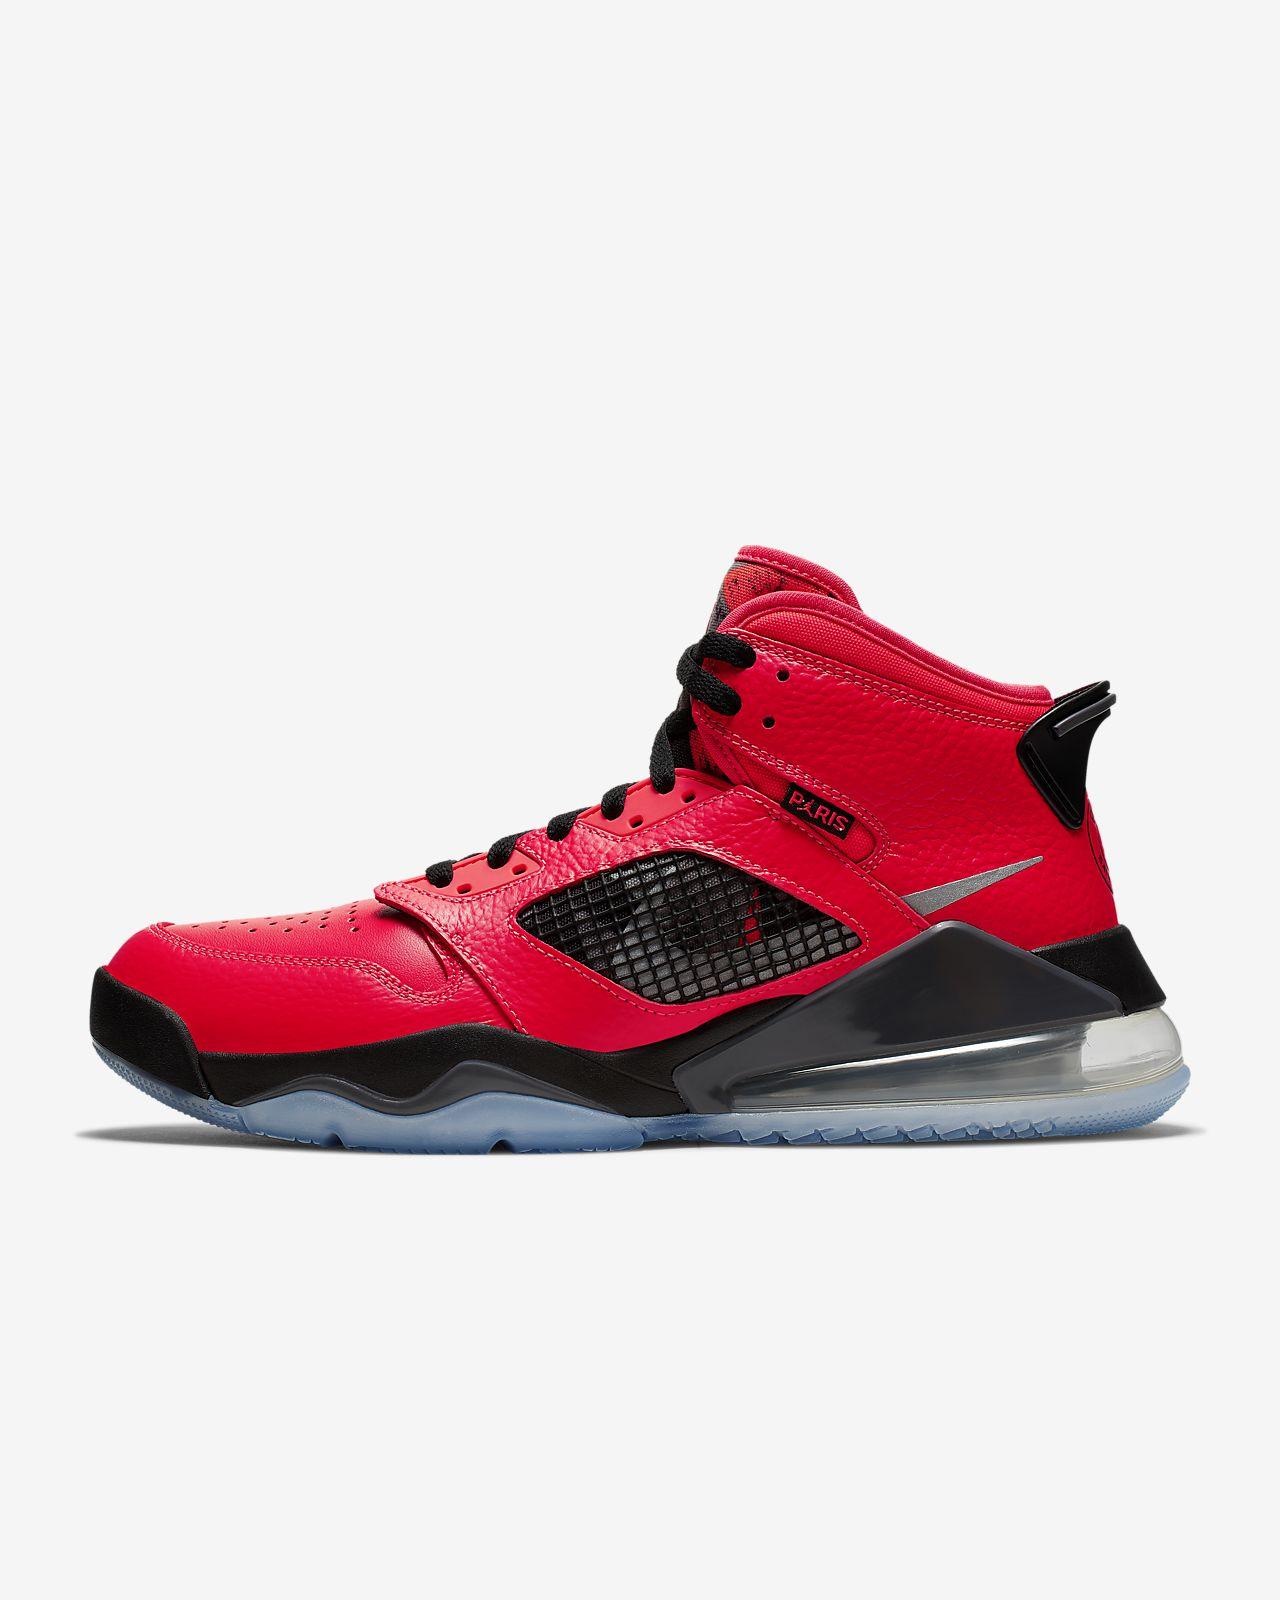 separation shoes fcfb5 b6d72 Jordan Mars 270 Paris Saint-Germain Men's Shoe